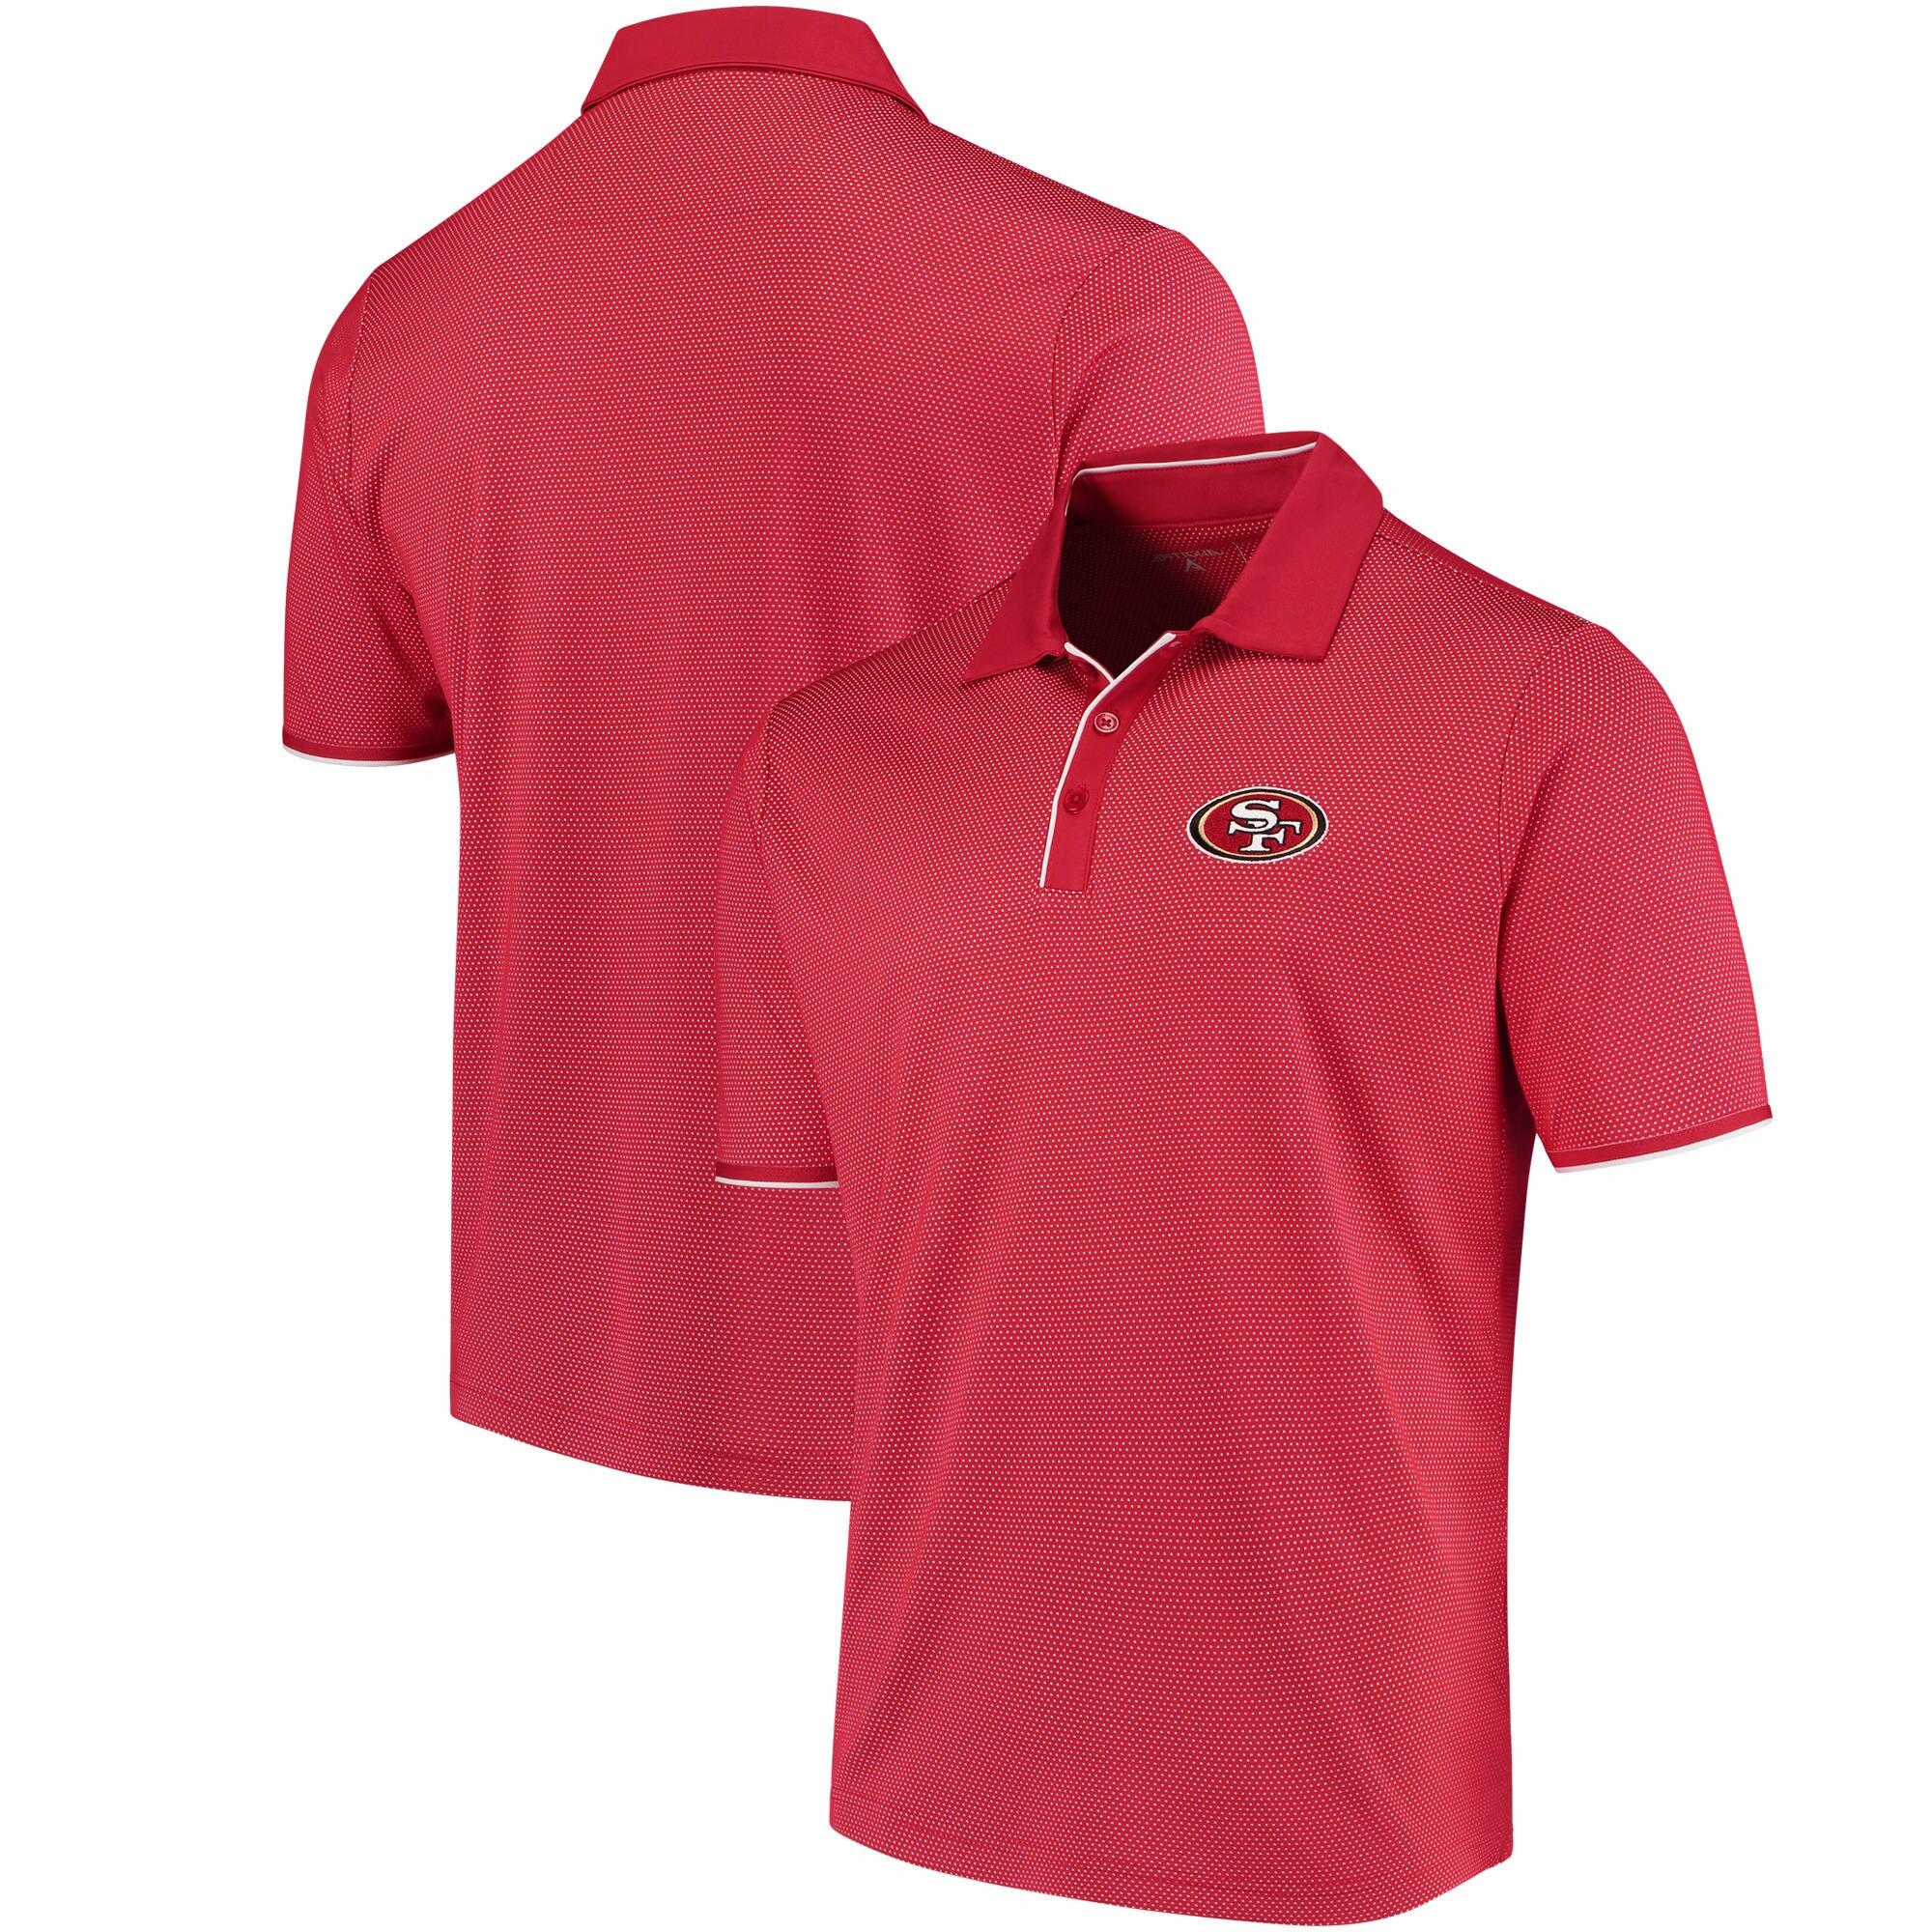 San Francisco 49ers Antigua Draft Polo - Scarlet/White